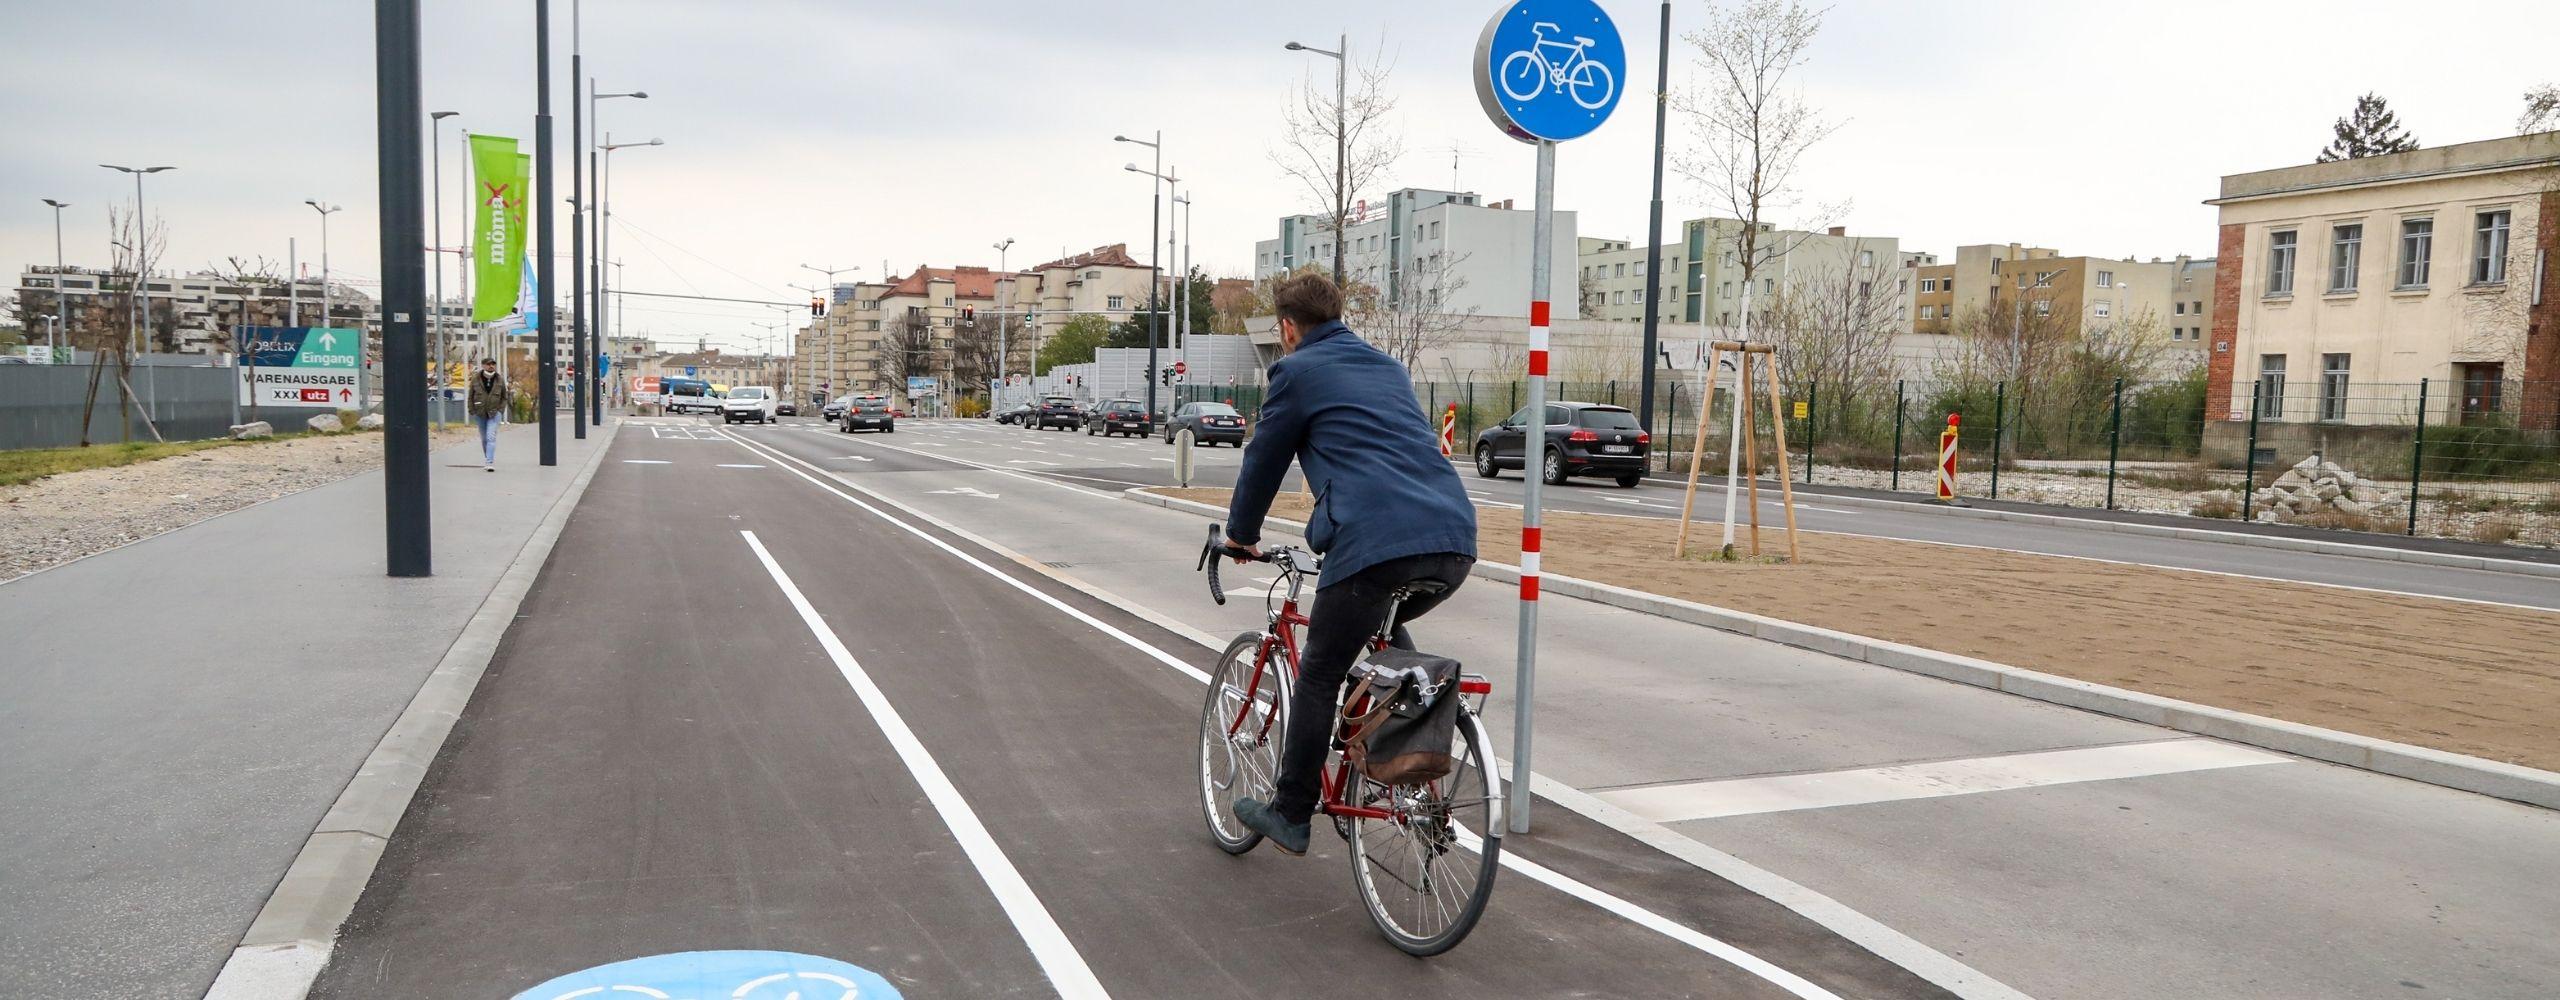 Radfahrer in der Franz-Grill-Straße, © PID/Christian Fürthner